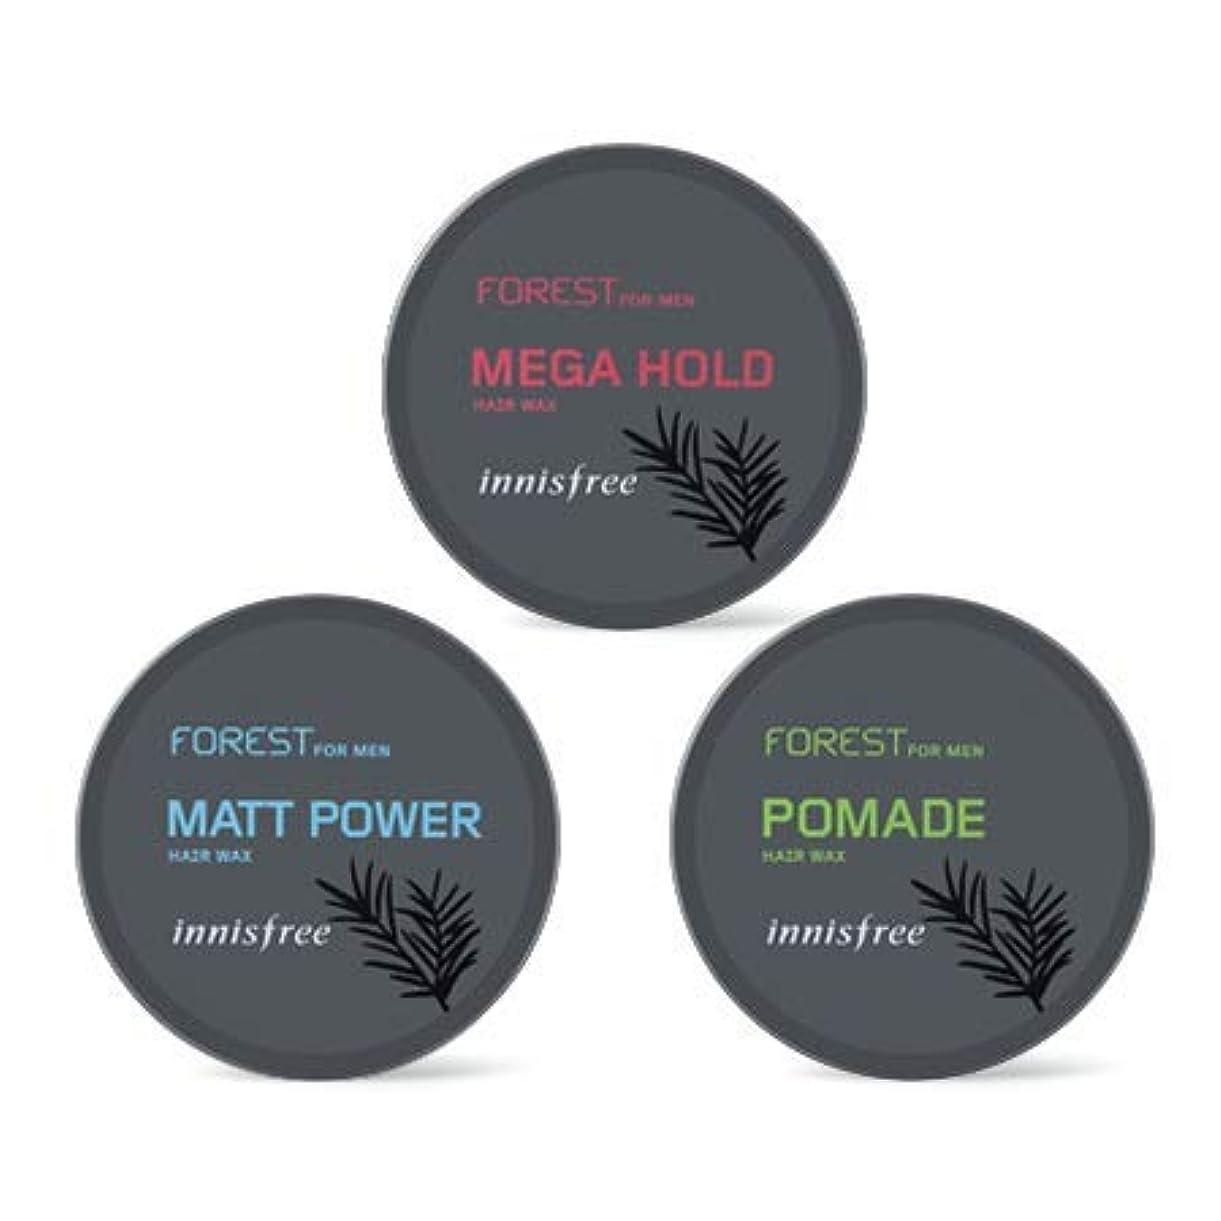 工夫するどういたしましてチーター[イニスフリー.INNISFREE](公式)フォレストフォアマンヘアワックス(3種)/ Forest For Men Hair Wax(60G、3 kind) (# mega hold)